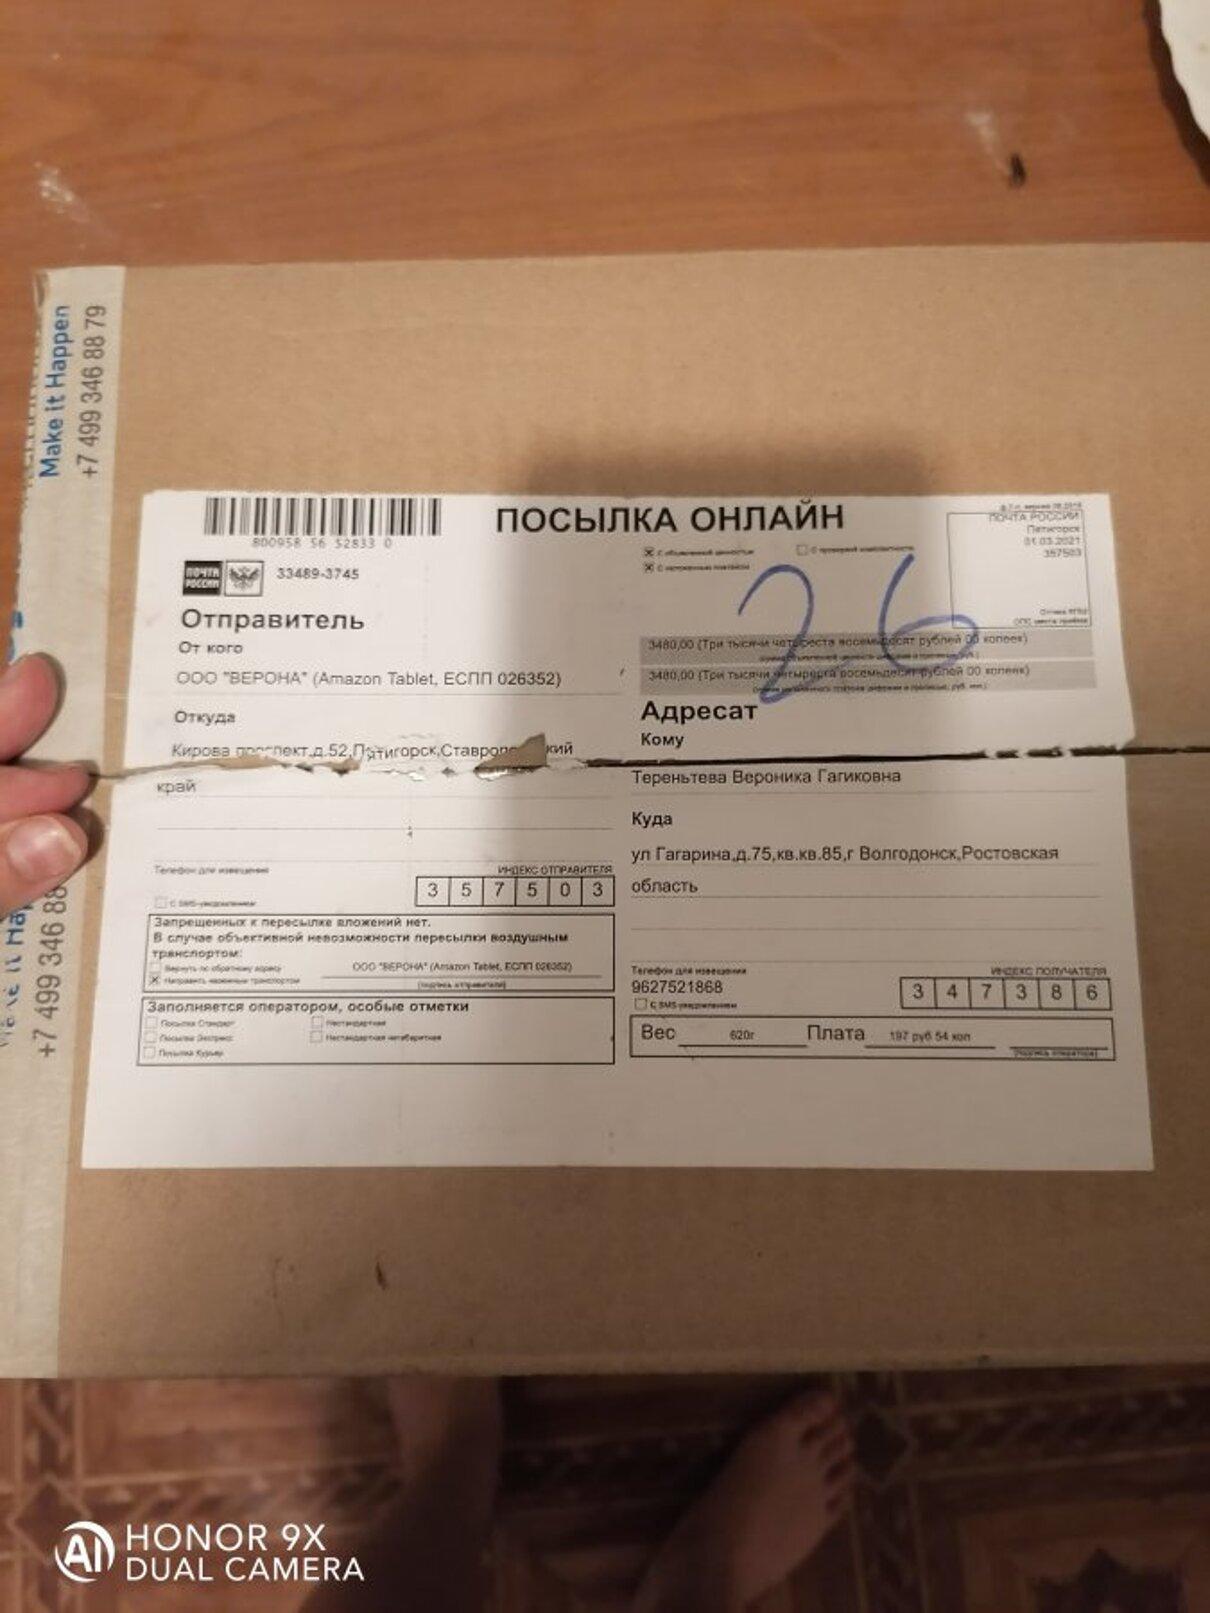 Жалоба-отзыв: ООО ПИМ Почта - ООО ВЕРОНА - мошенники